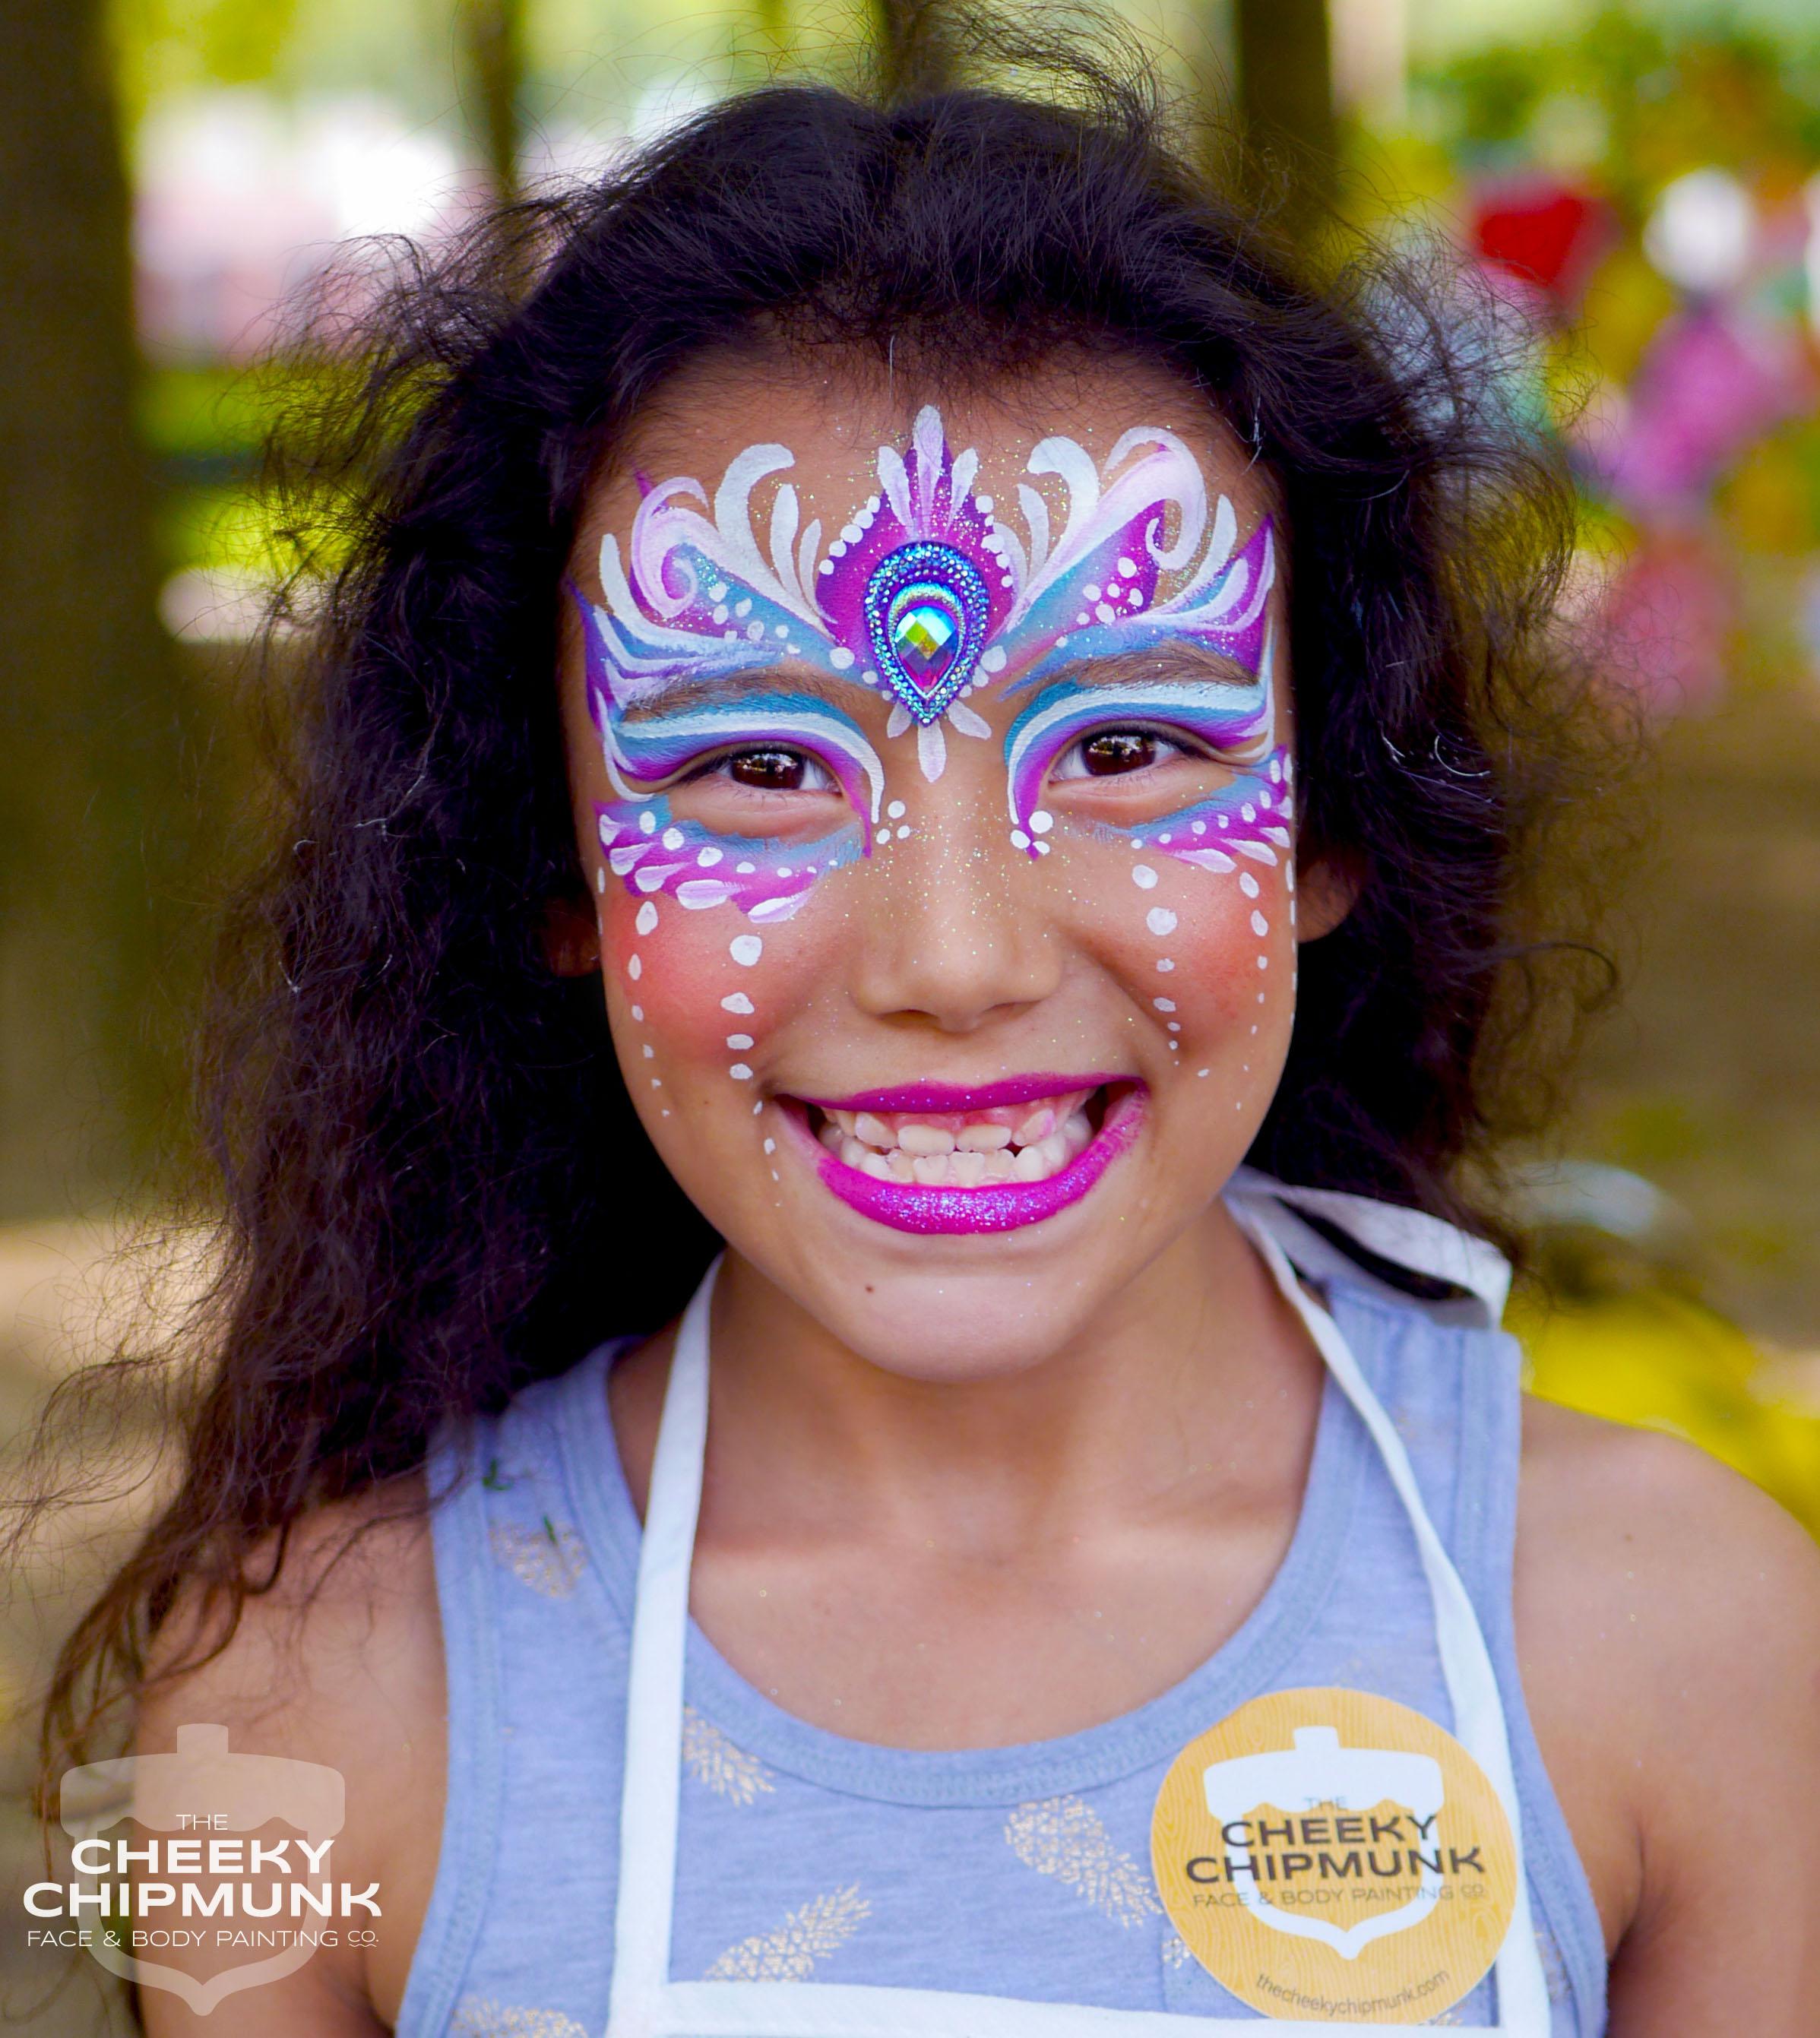 princess_facepainting_lenorekoppelman_thecheekychipmunk_mompreneurs_astoria_park.jpg